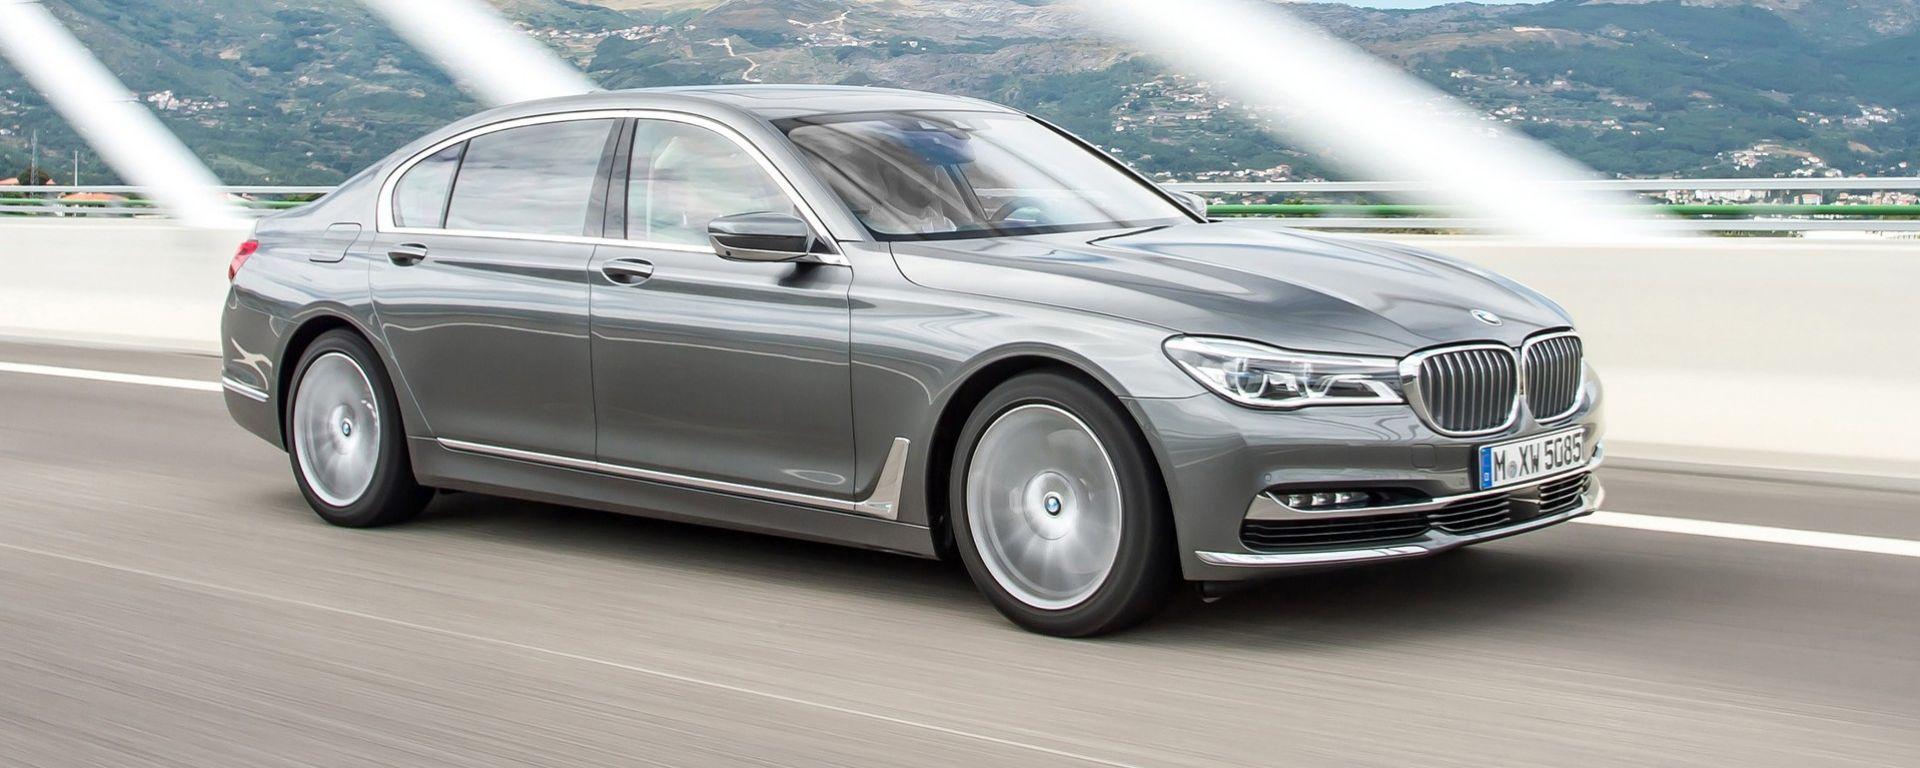 BMW Serie 7: sarà lei la prima a montare il nuovo quadri-turbo da 400 cv e 760 Nm di coppia